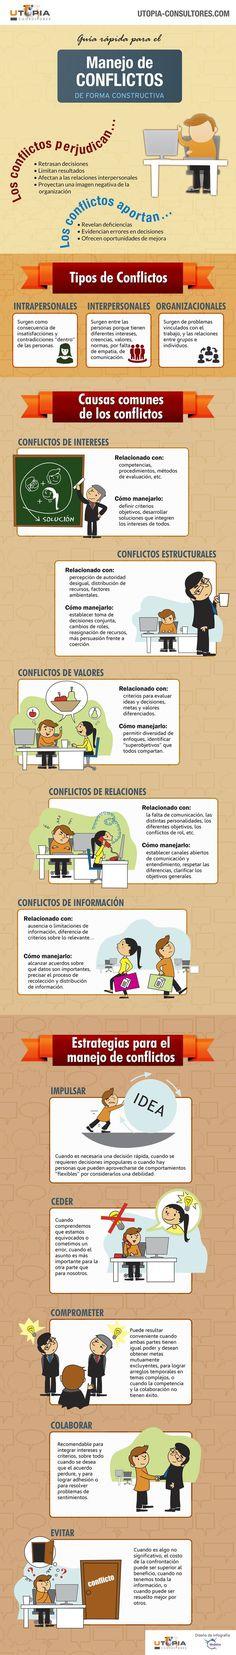 """Hola: Compartimos una infografía sobre """"Conflictos – Guía Rápida para Manejarlos con Éxito"""" Un gran saludo.  Visto en: pinterest.com  También debería revisar: Conflict…"""